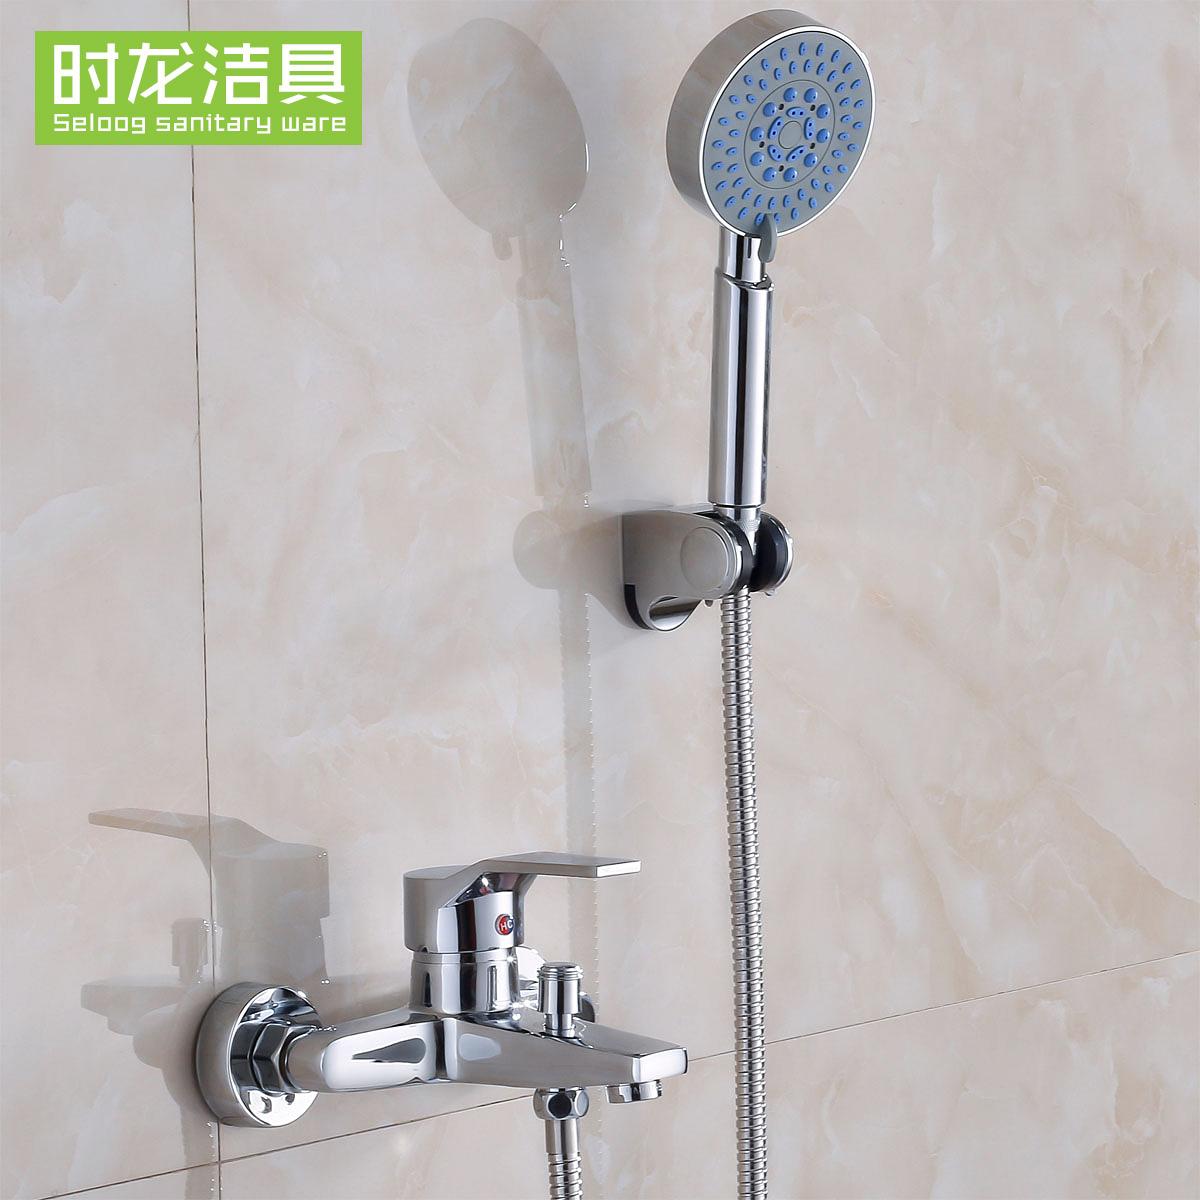 全铜混水阀冷热水龙头浴室淋浴缸暗装入墙混合卫浴卫生间花洒套装